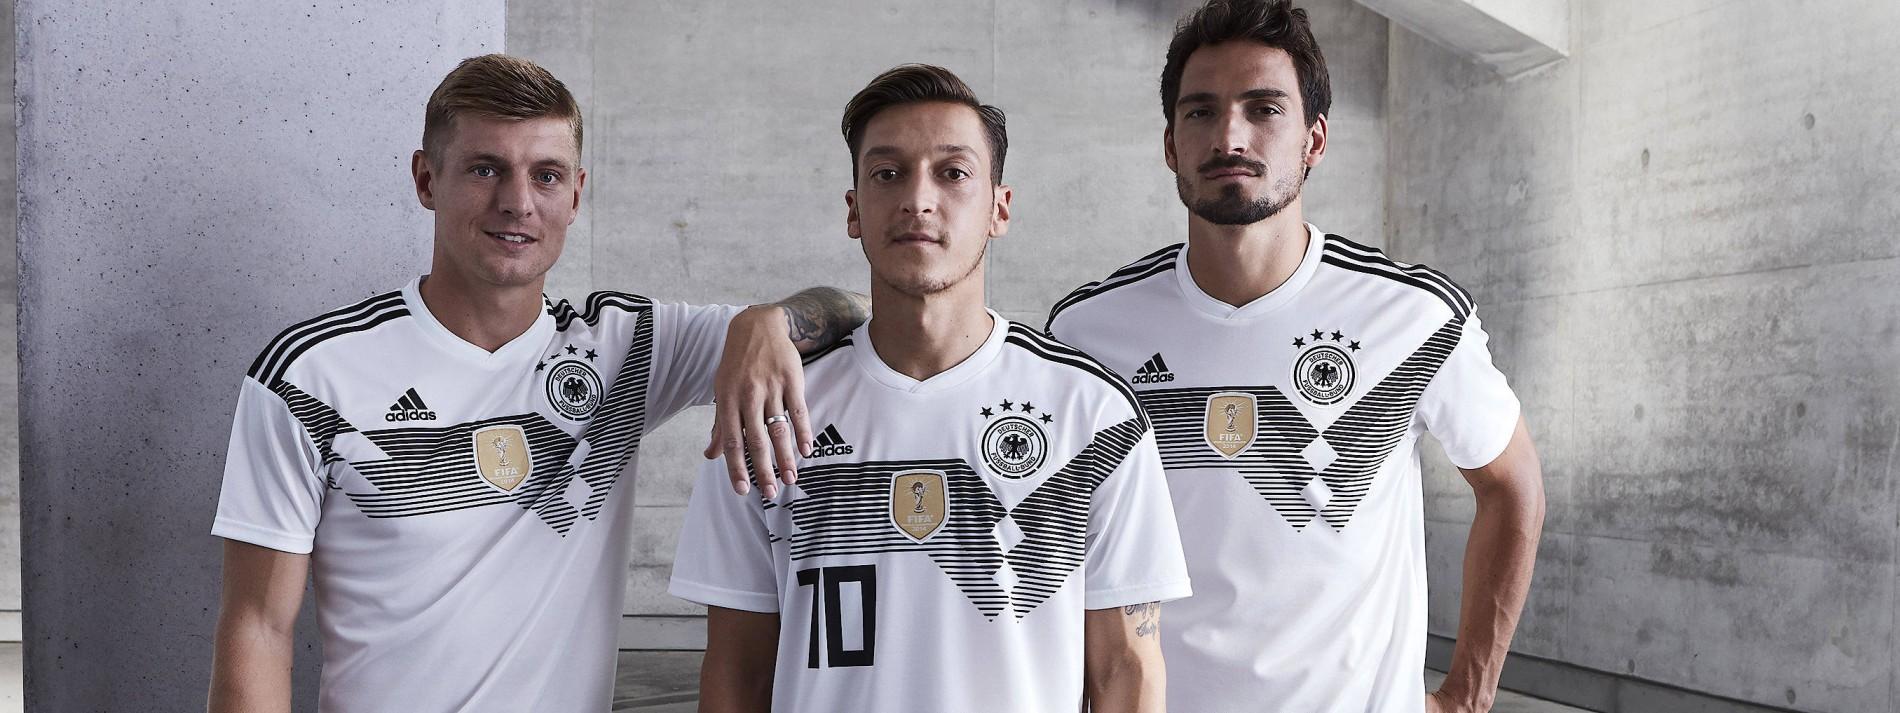 DFB präsentiert sein neues Trikot für die WM 2018 in Russland